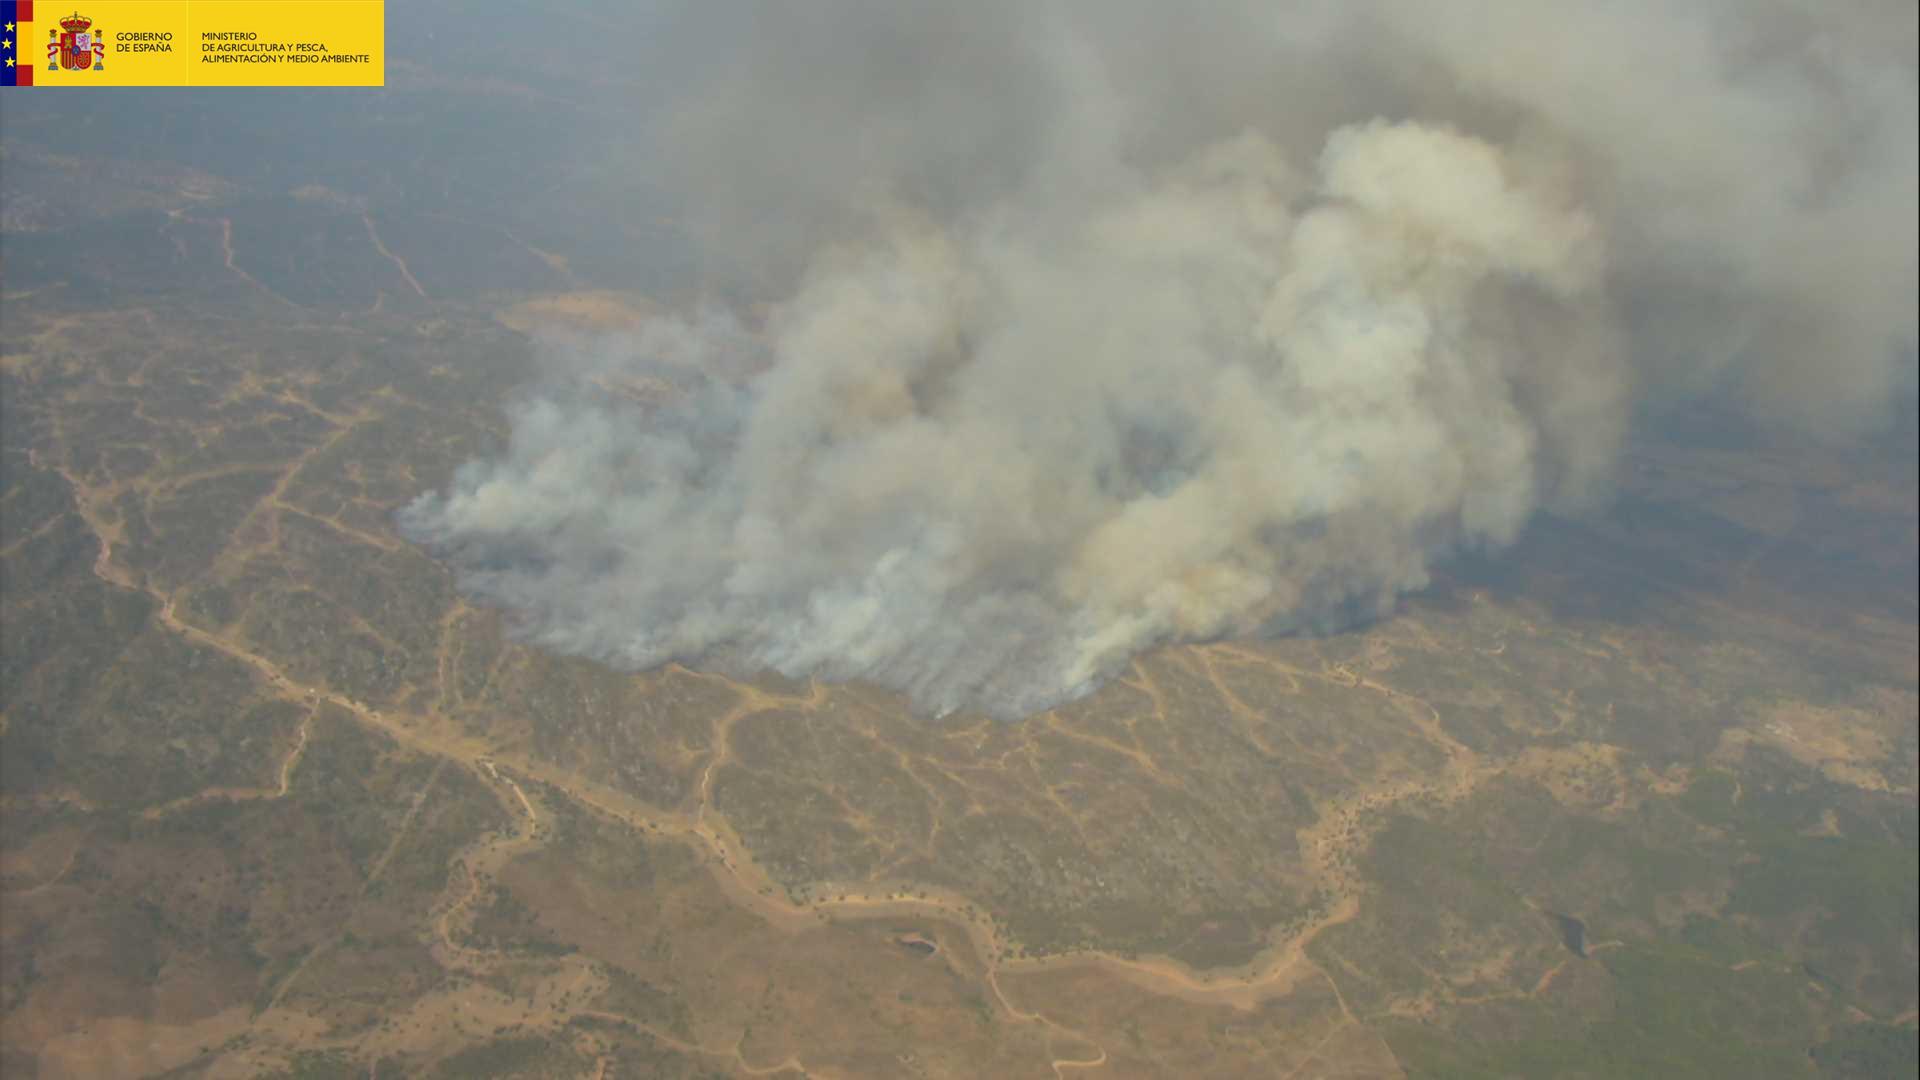 6 medios aéreos del MAPAMA trabajan en la extinción del incendio forestal declarado en Almadén de la Plata (Sevilla)